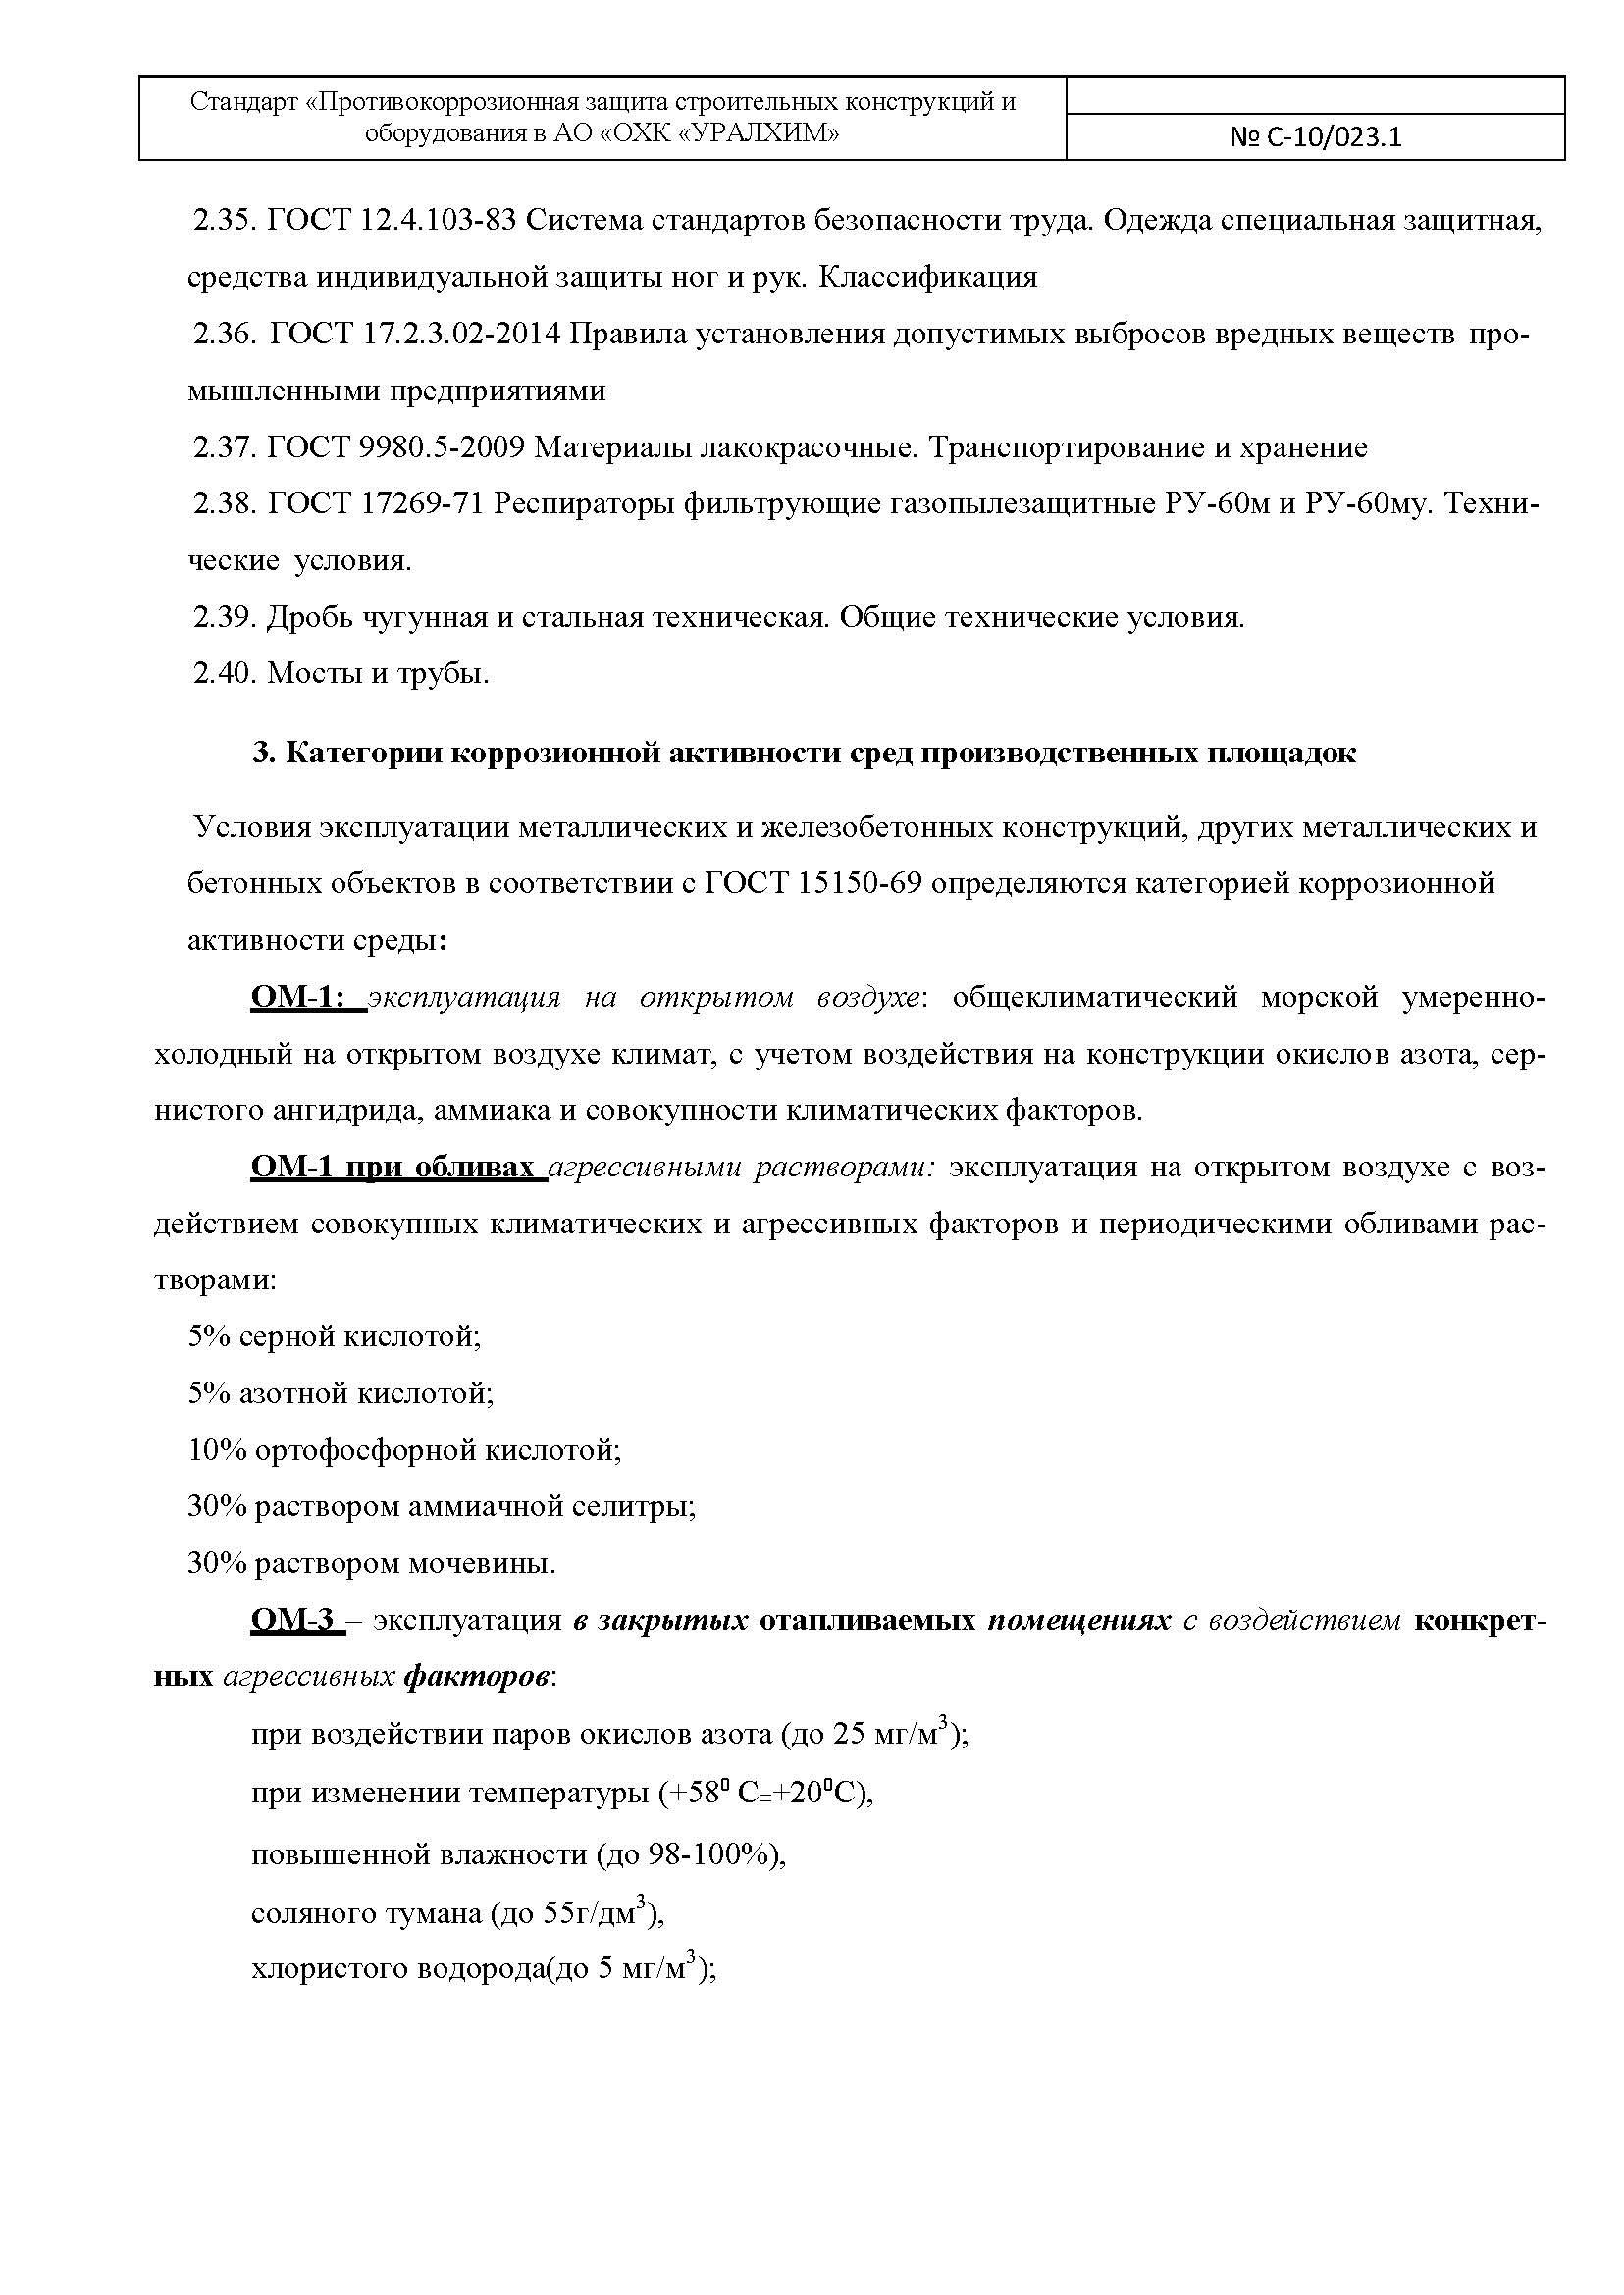 Выписка из Стандарта Противокоррозионная защита строительных конструкций и оборудования АО ОХК УРЛХИМ_Страница_06